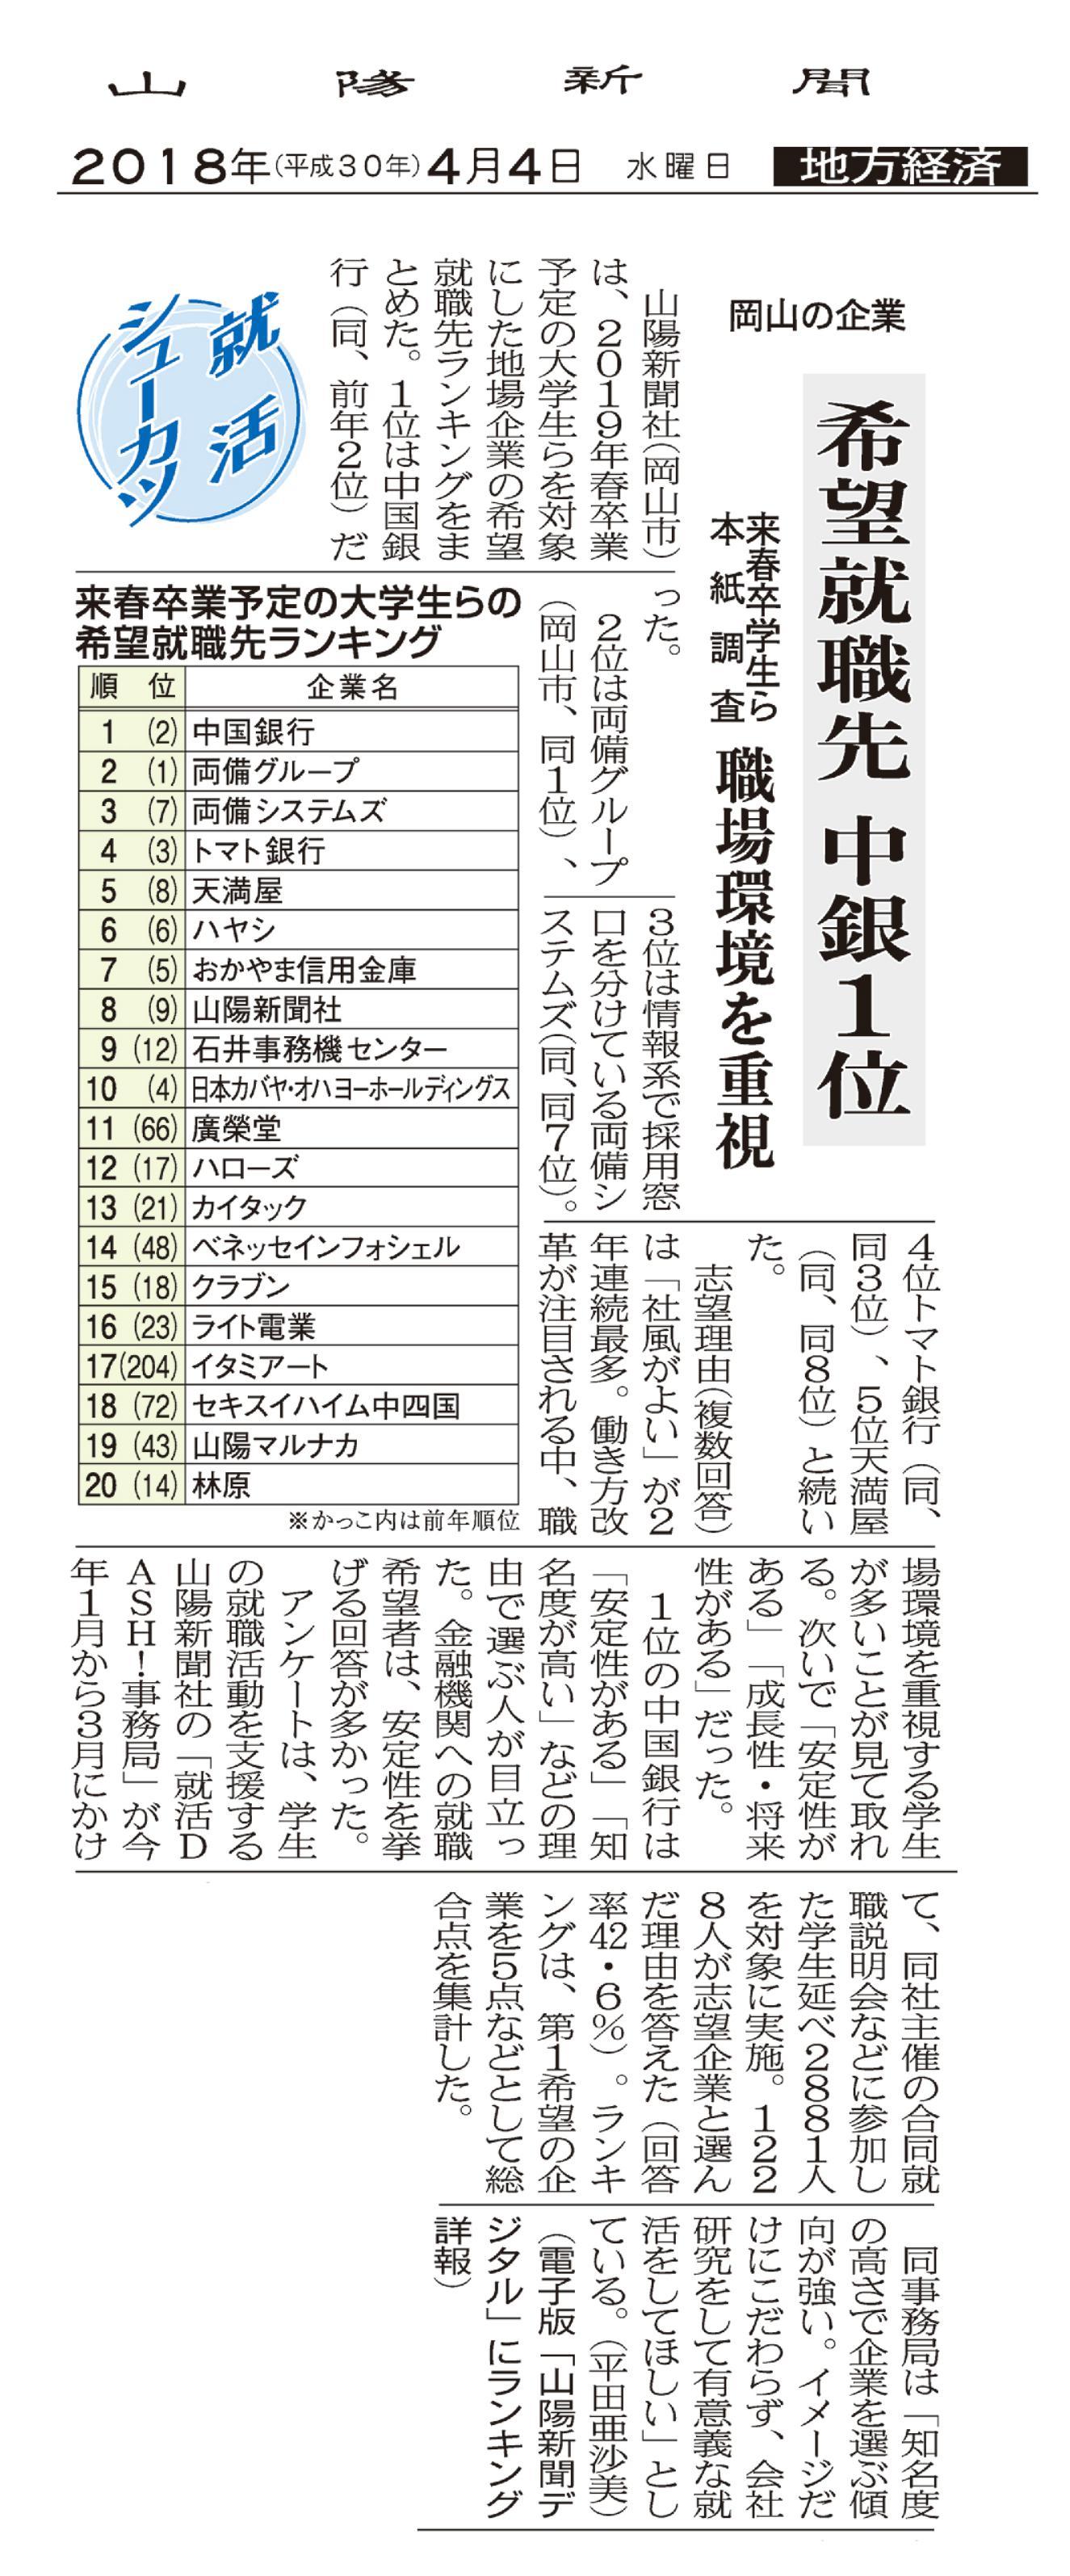 2019山陽新聞社ランキング